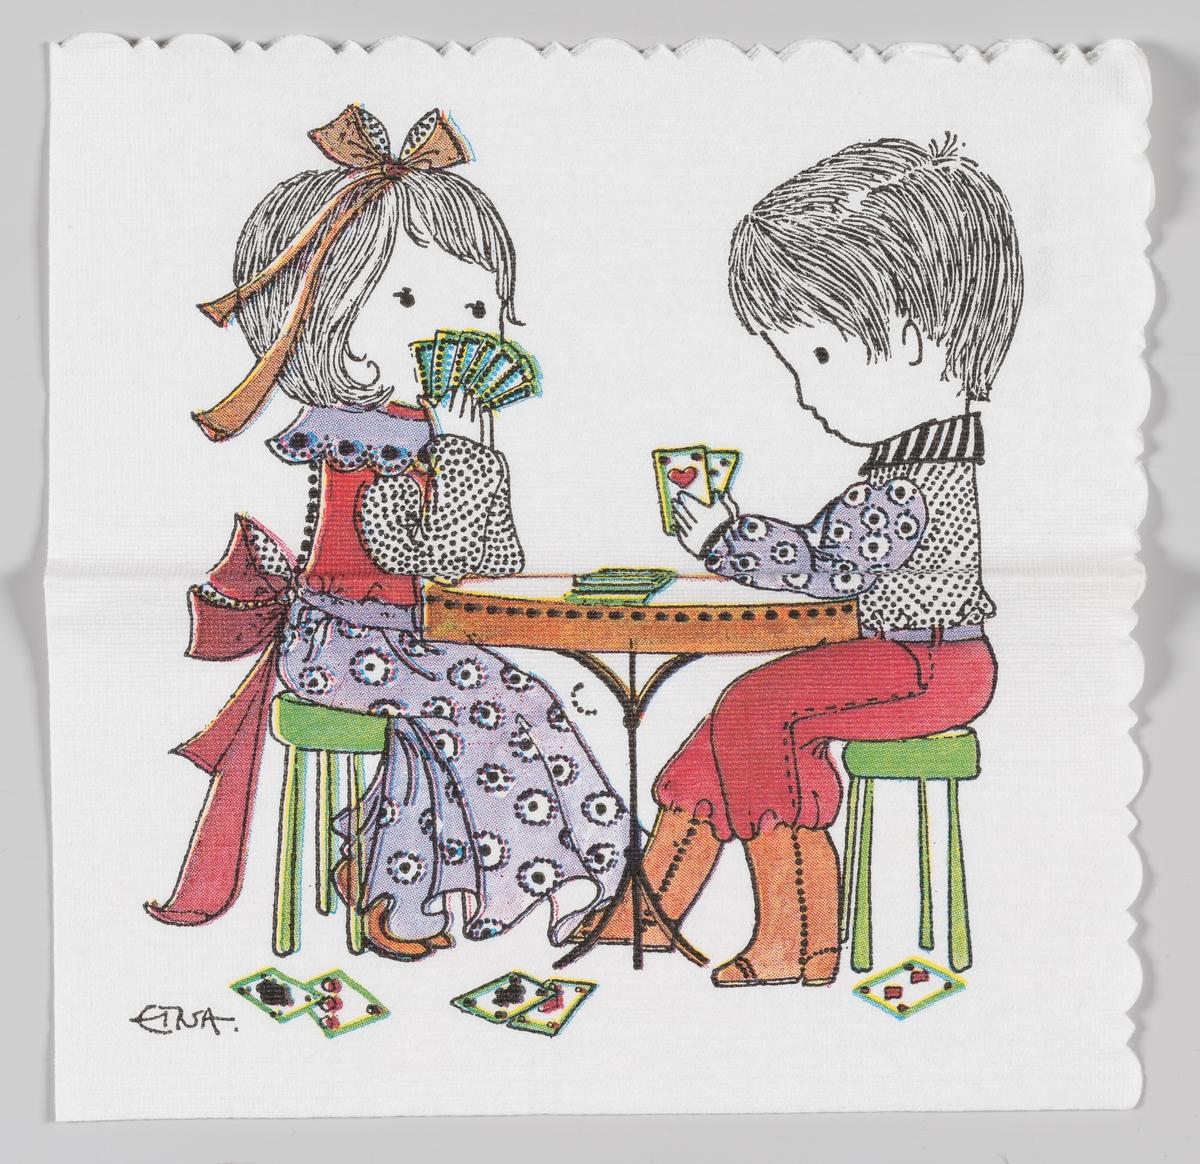 En gutt og en jente spiller kort ved et rundt bord.